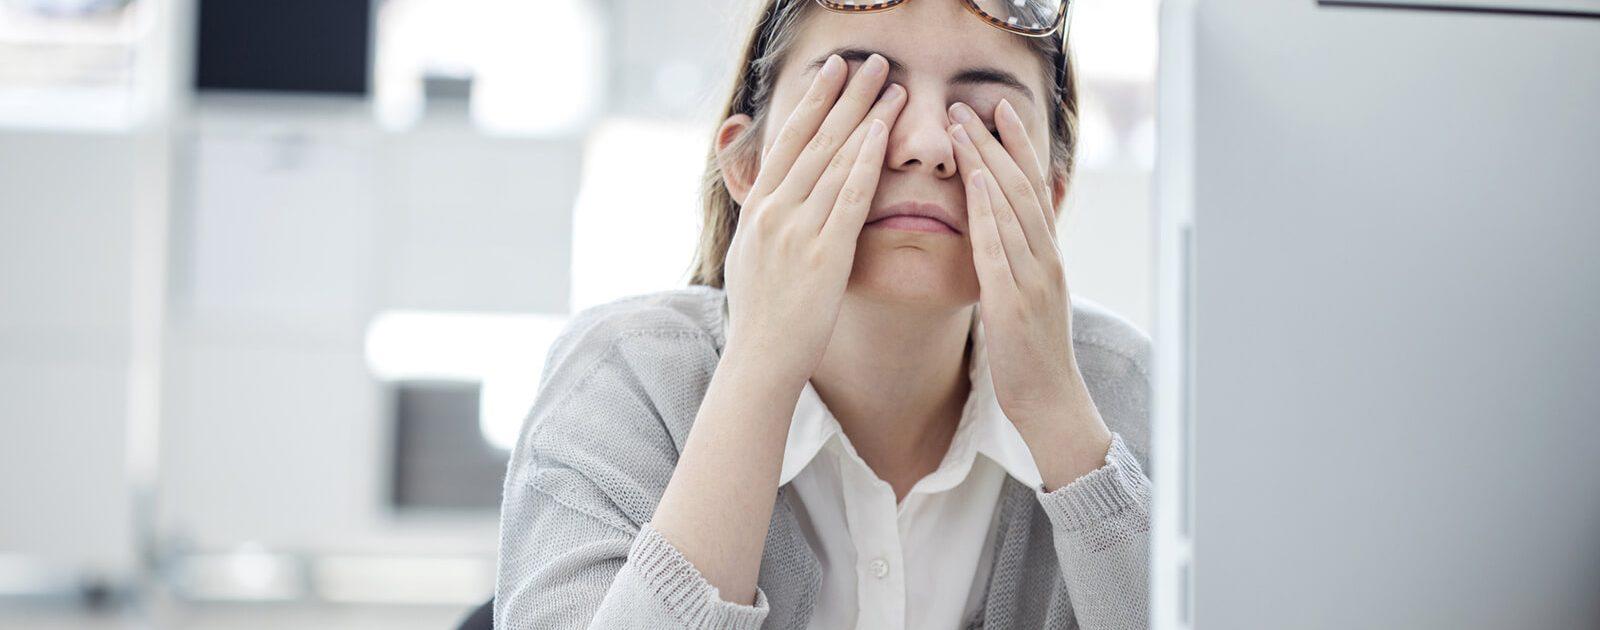 """Frau reibt sich aufgrund des """"Office-Eye-Syndroms"""" die Augen."""